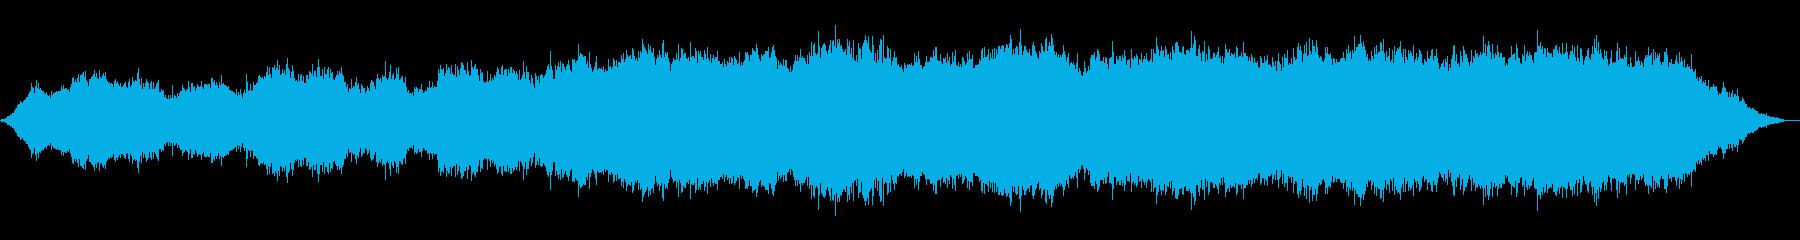 ドリーミーなアンビエントの再生済みの波形